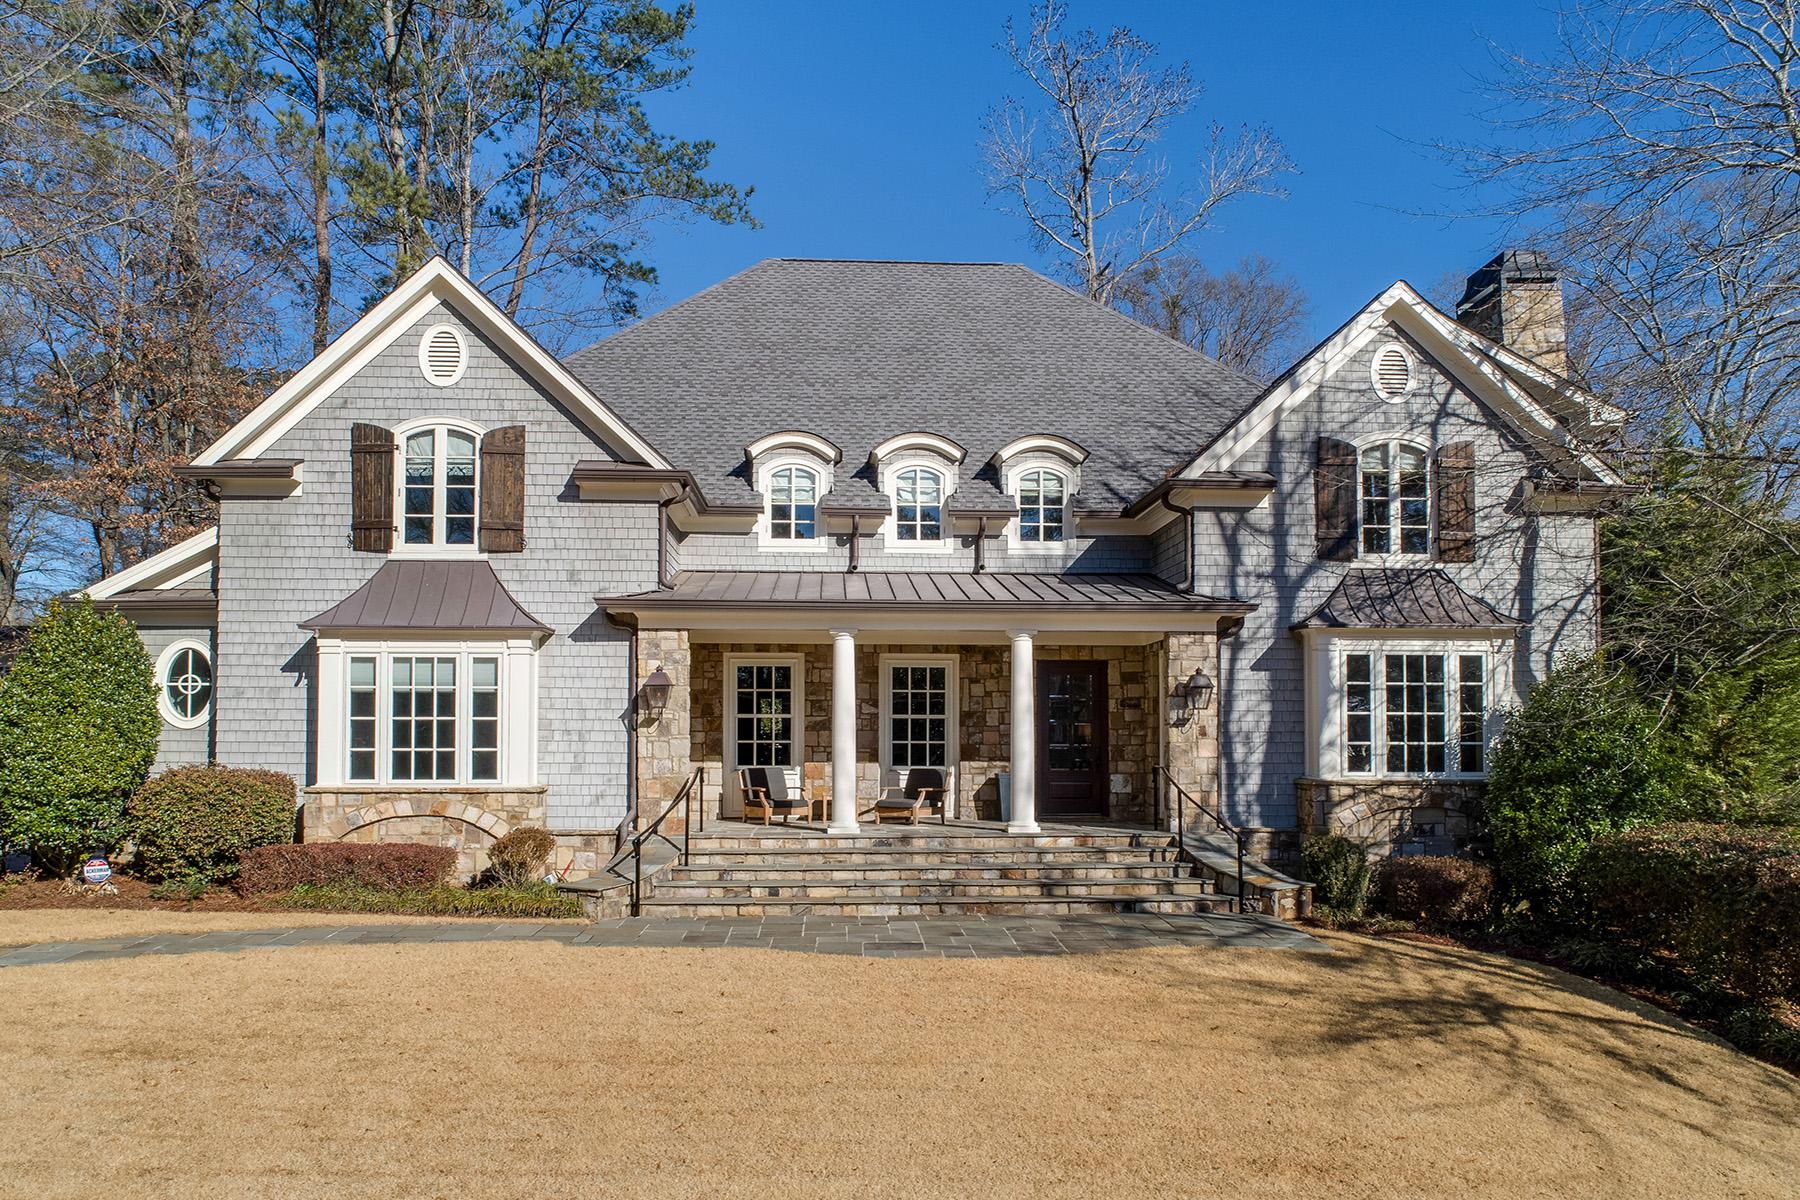 一戸建て のために 売買 アット Gorgeous Home in Meadowbrook 440 Brookfield Drive, Atlanta, ジョージア, 30342 アメリカ合衆国